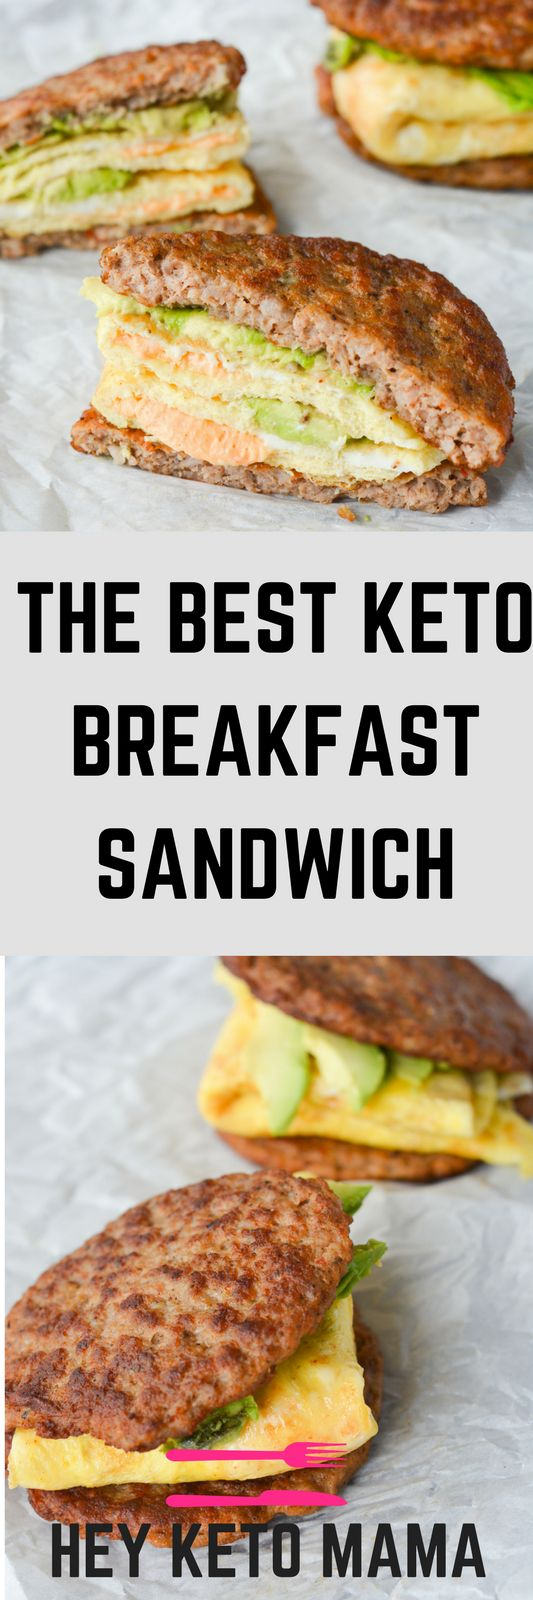 My Favorite Keto Breakfast Sandwich Recipe